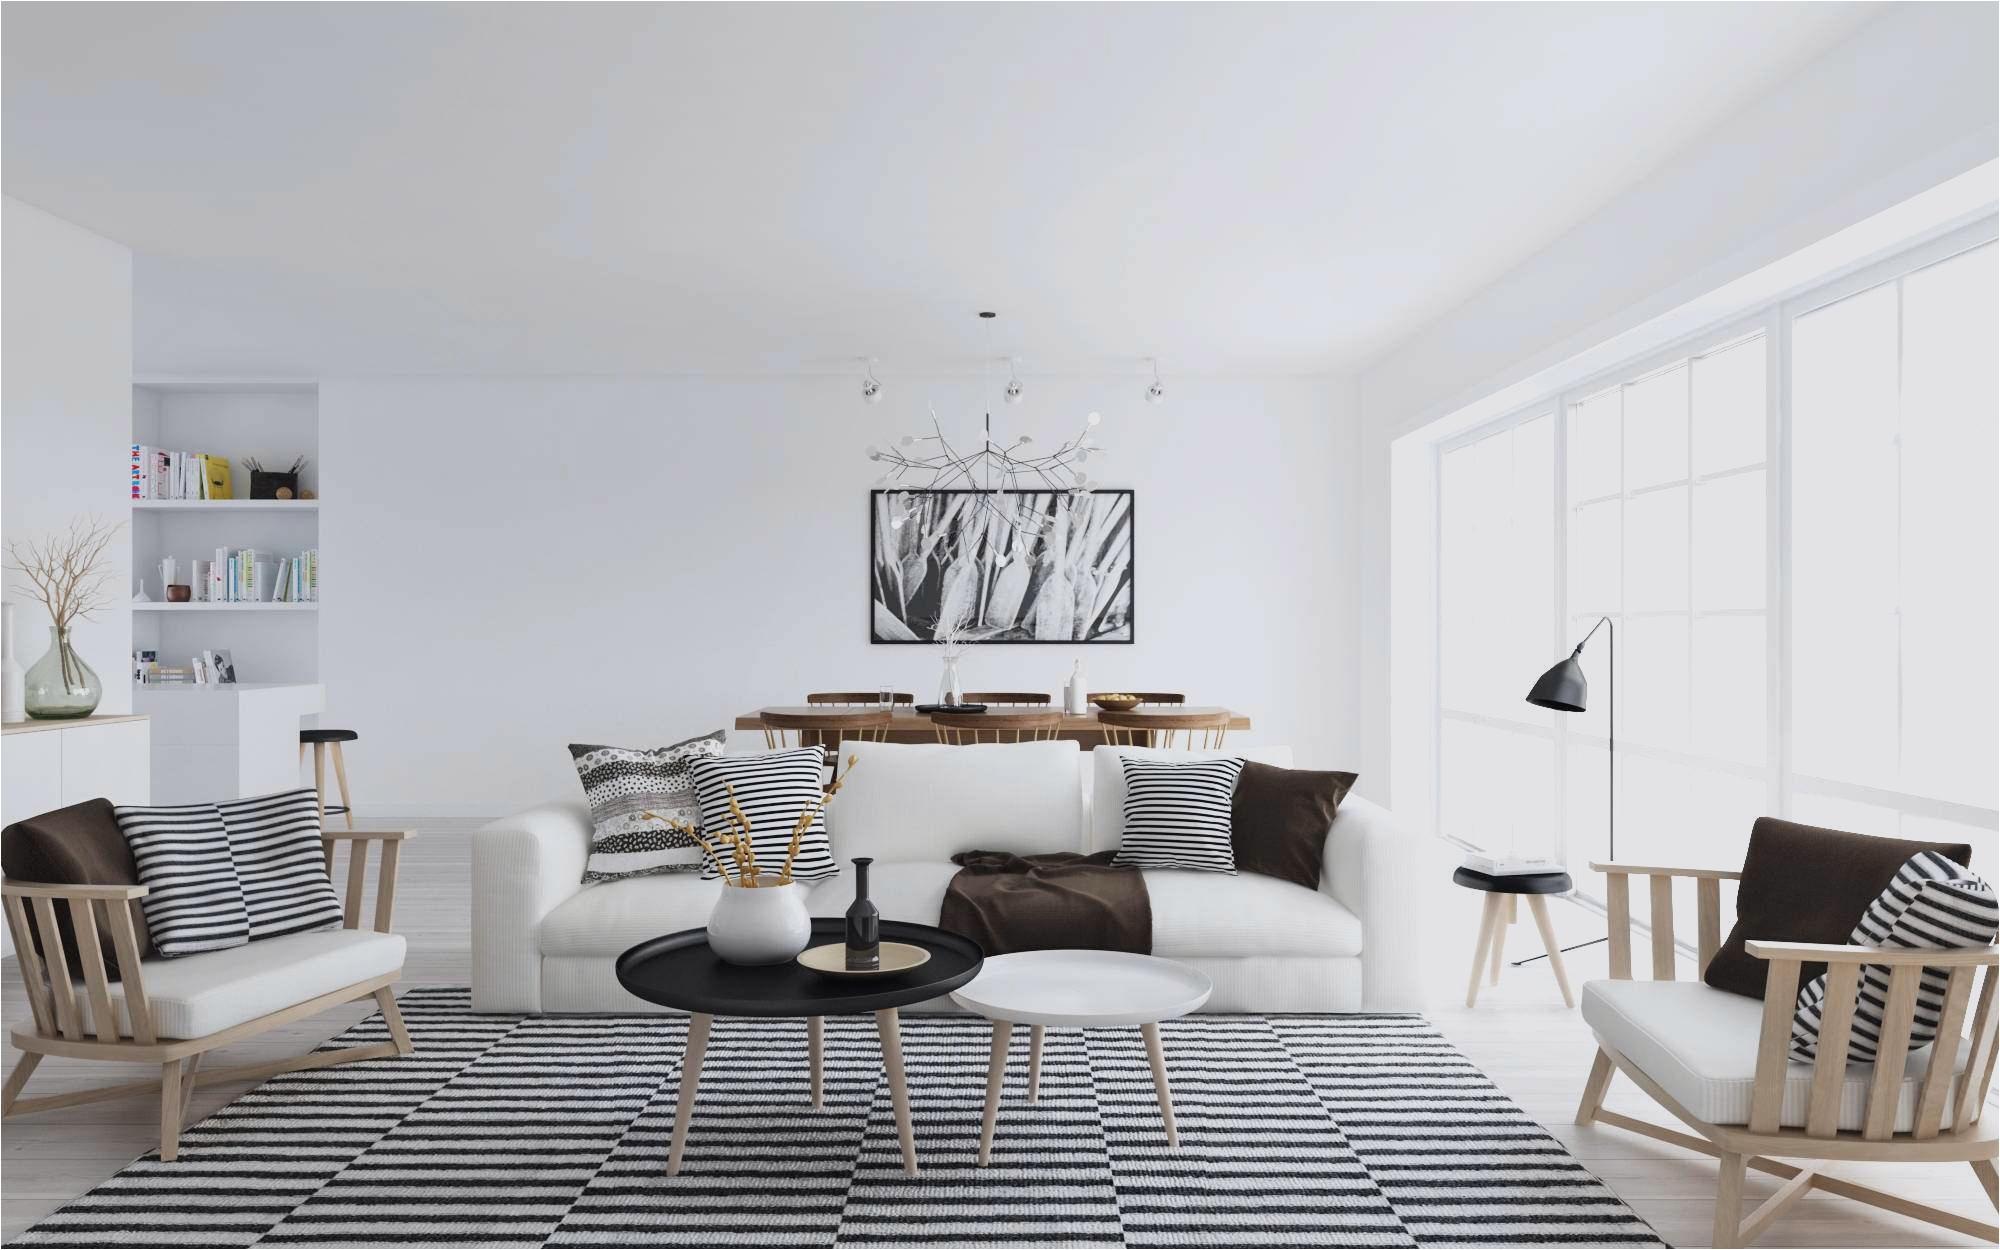 Canapé Romy Conforama Élégant Galerie Impressionné Table Basse Laquée Blanc